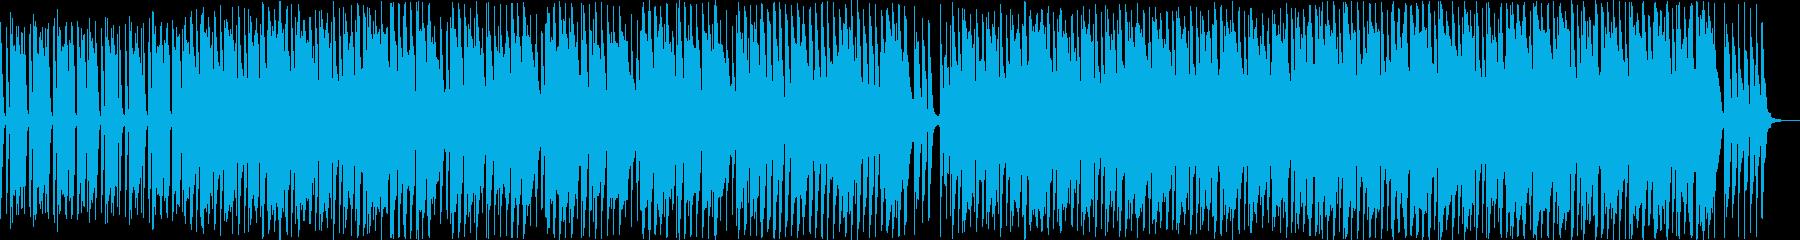 クリスマス 楽しげ エレキギター ...の再生済みの波形